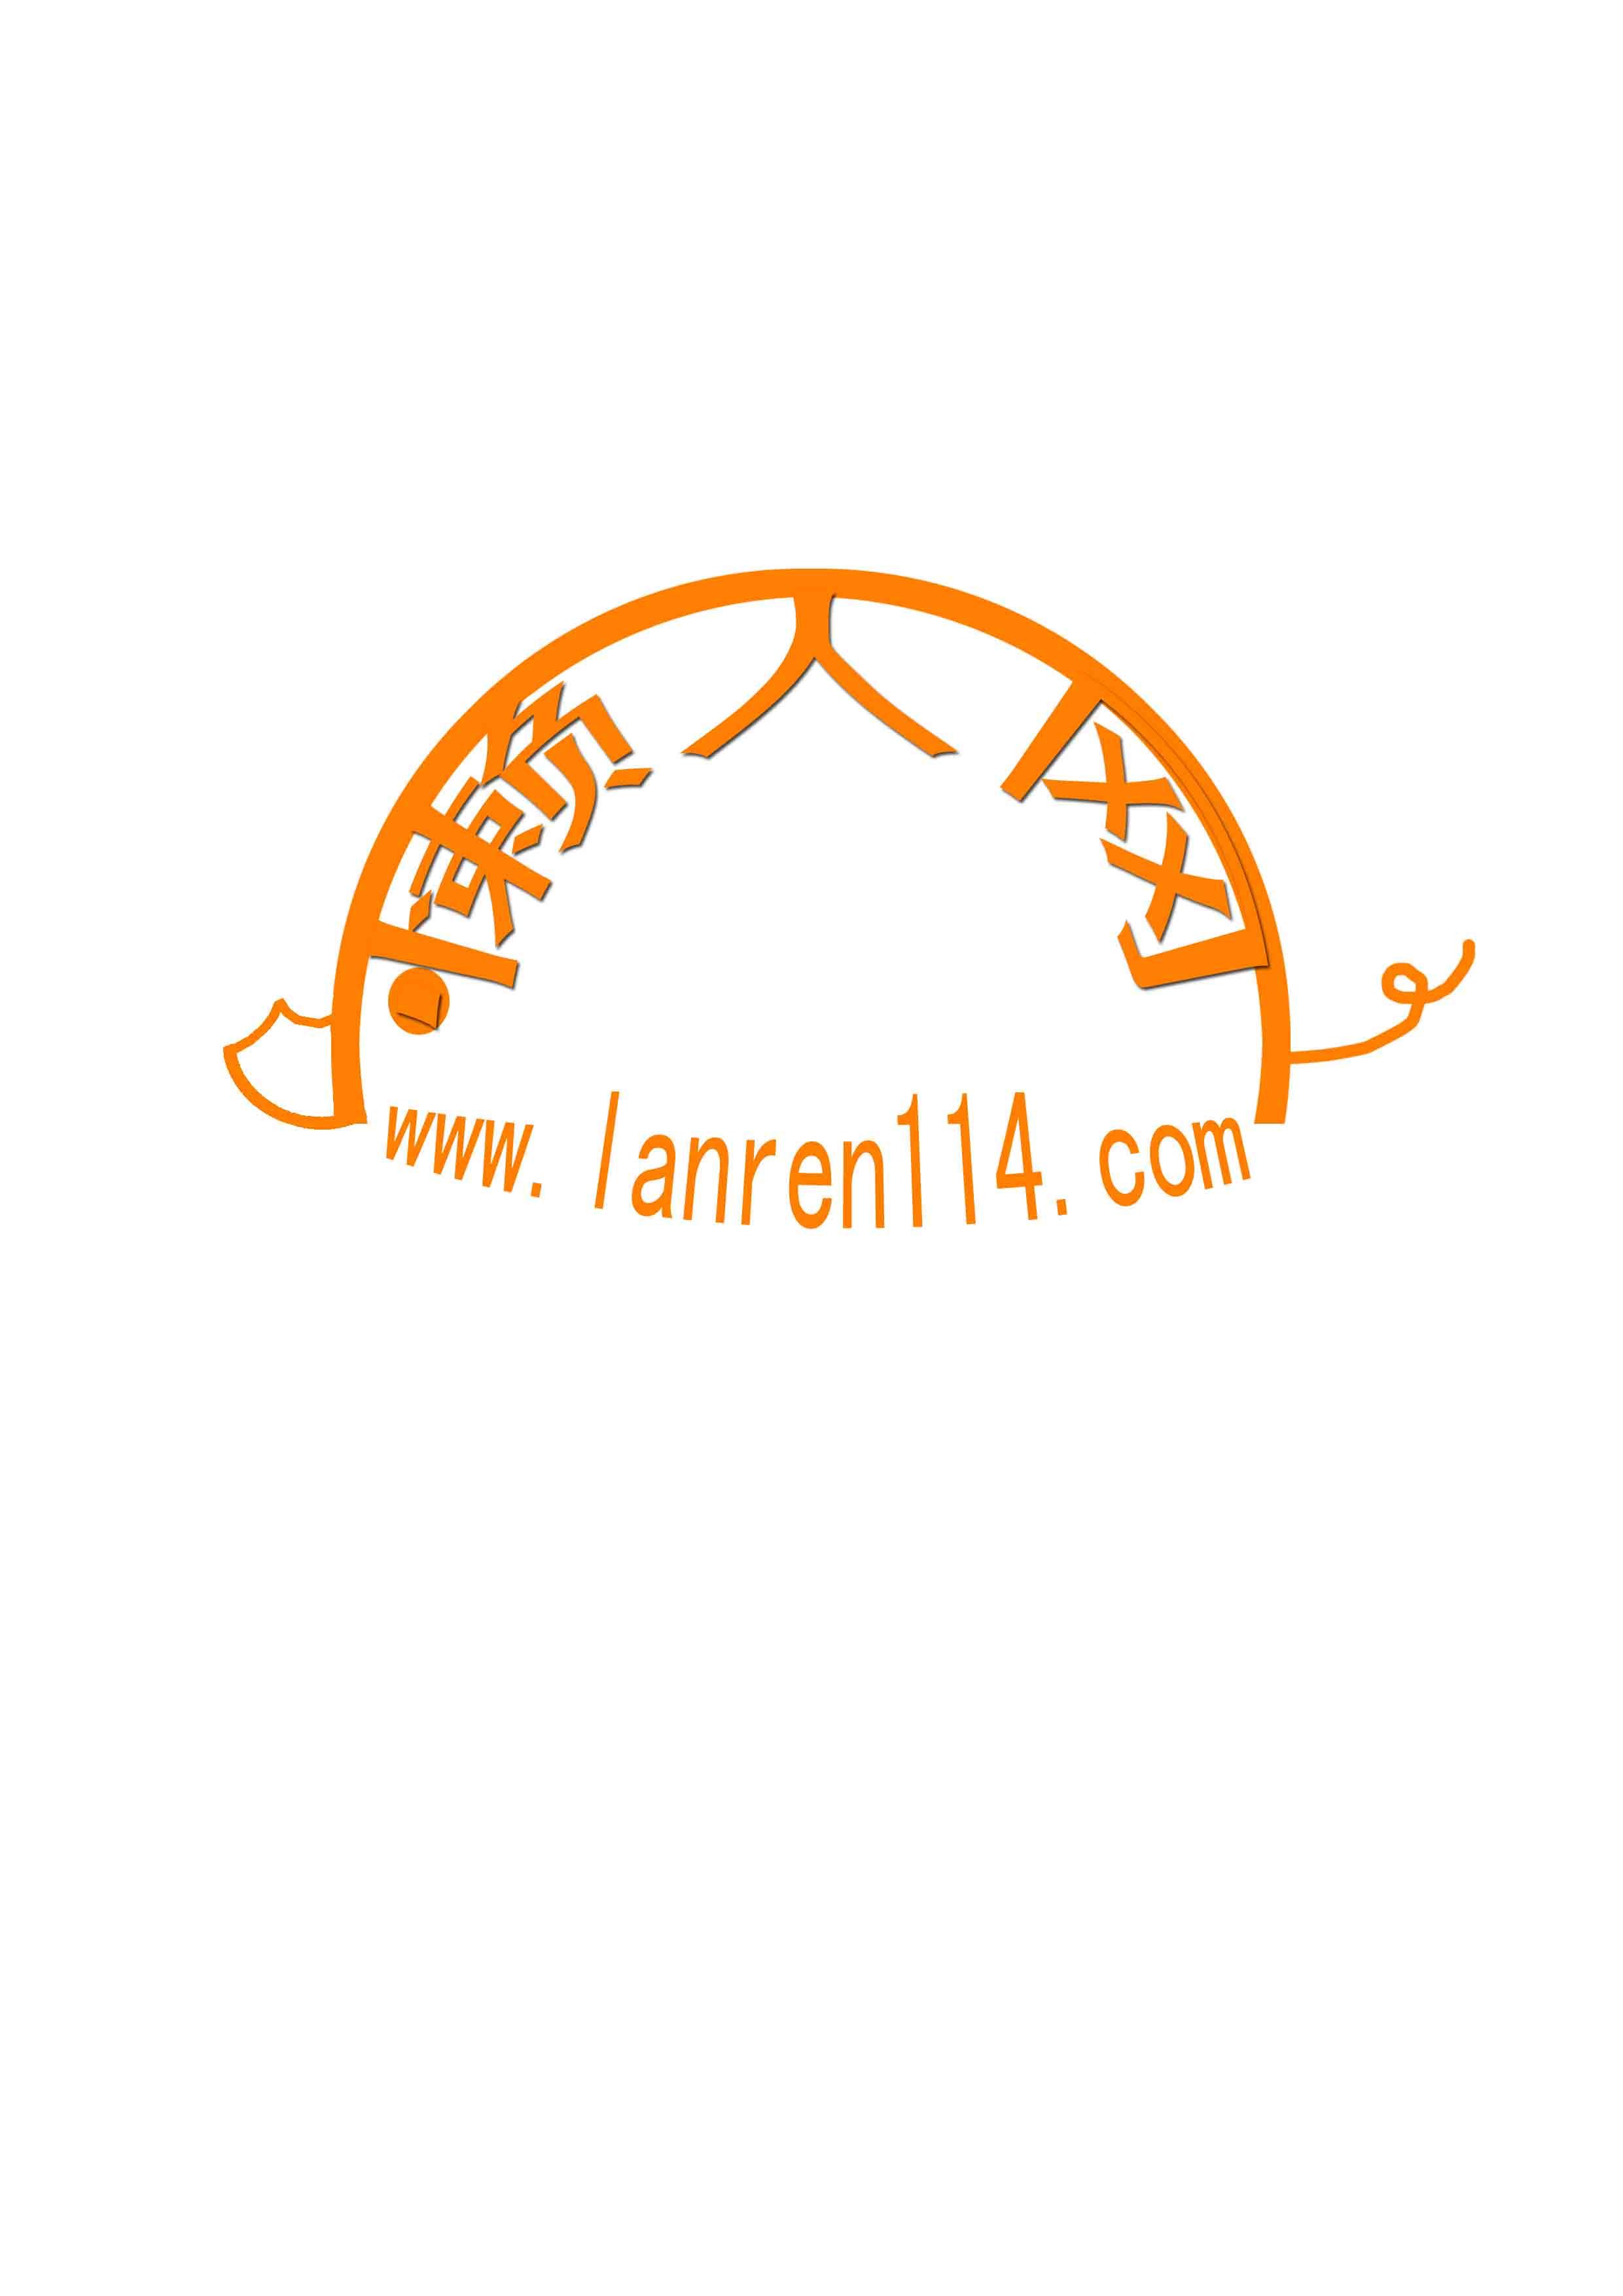 懒人网logo设计- 稿件[#835449]